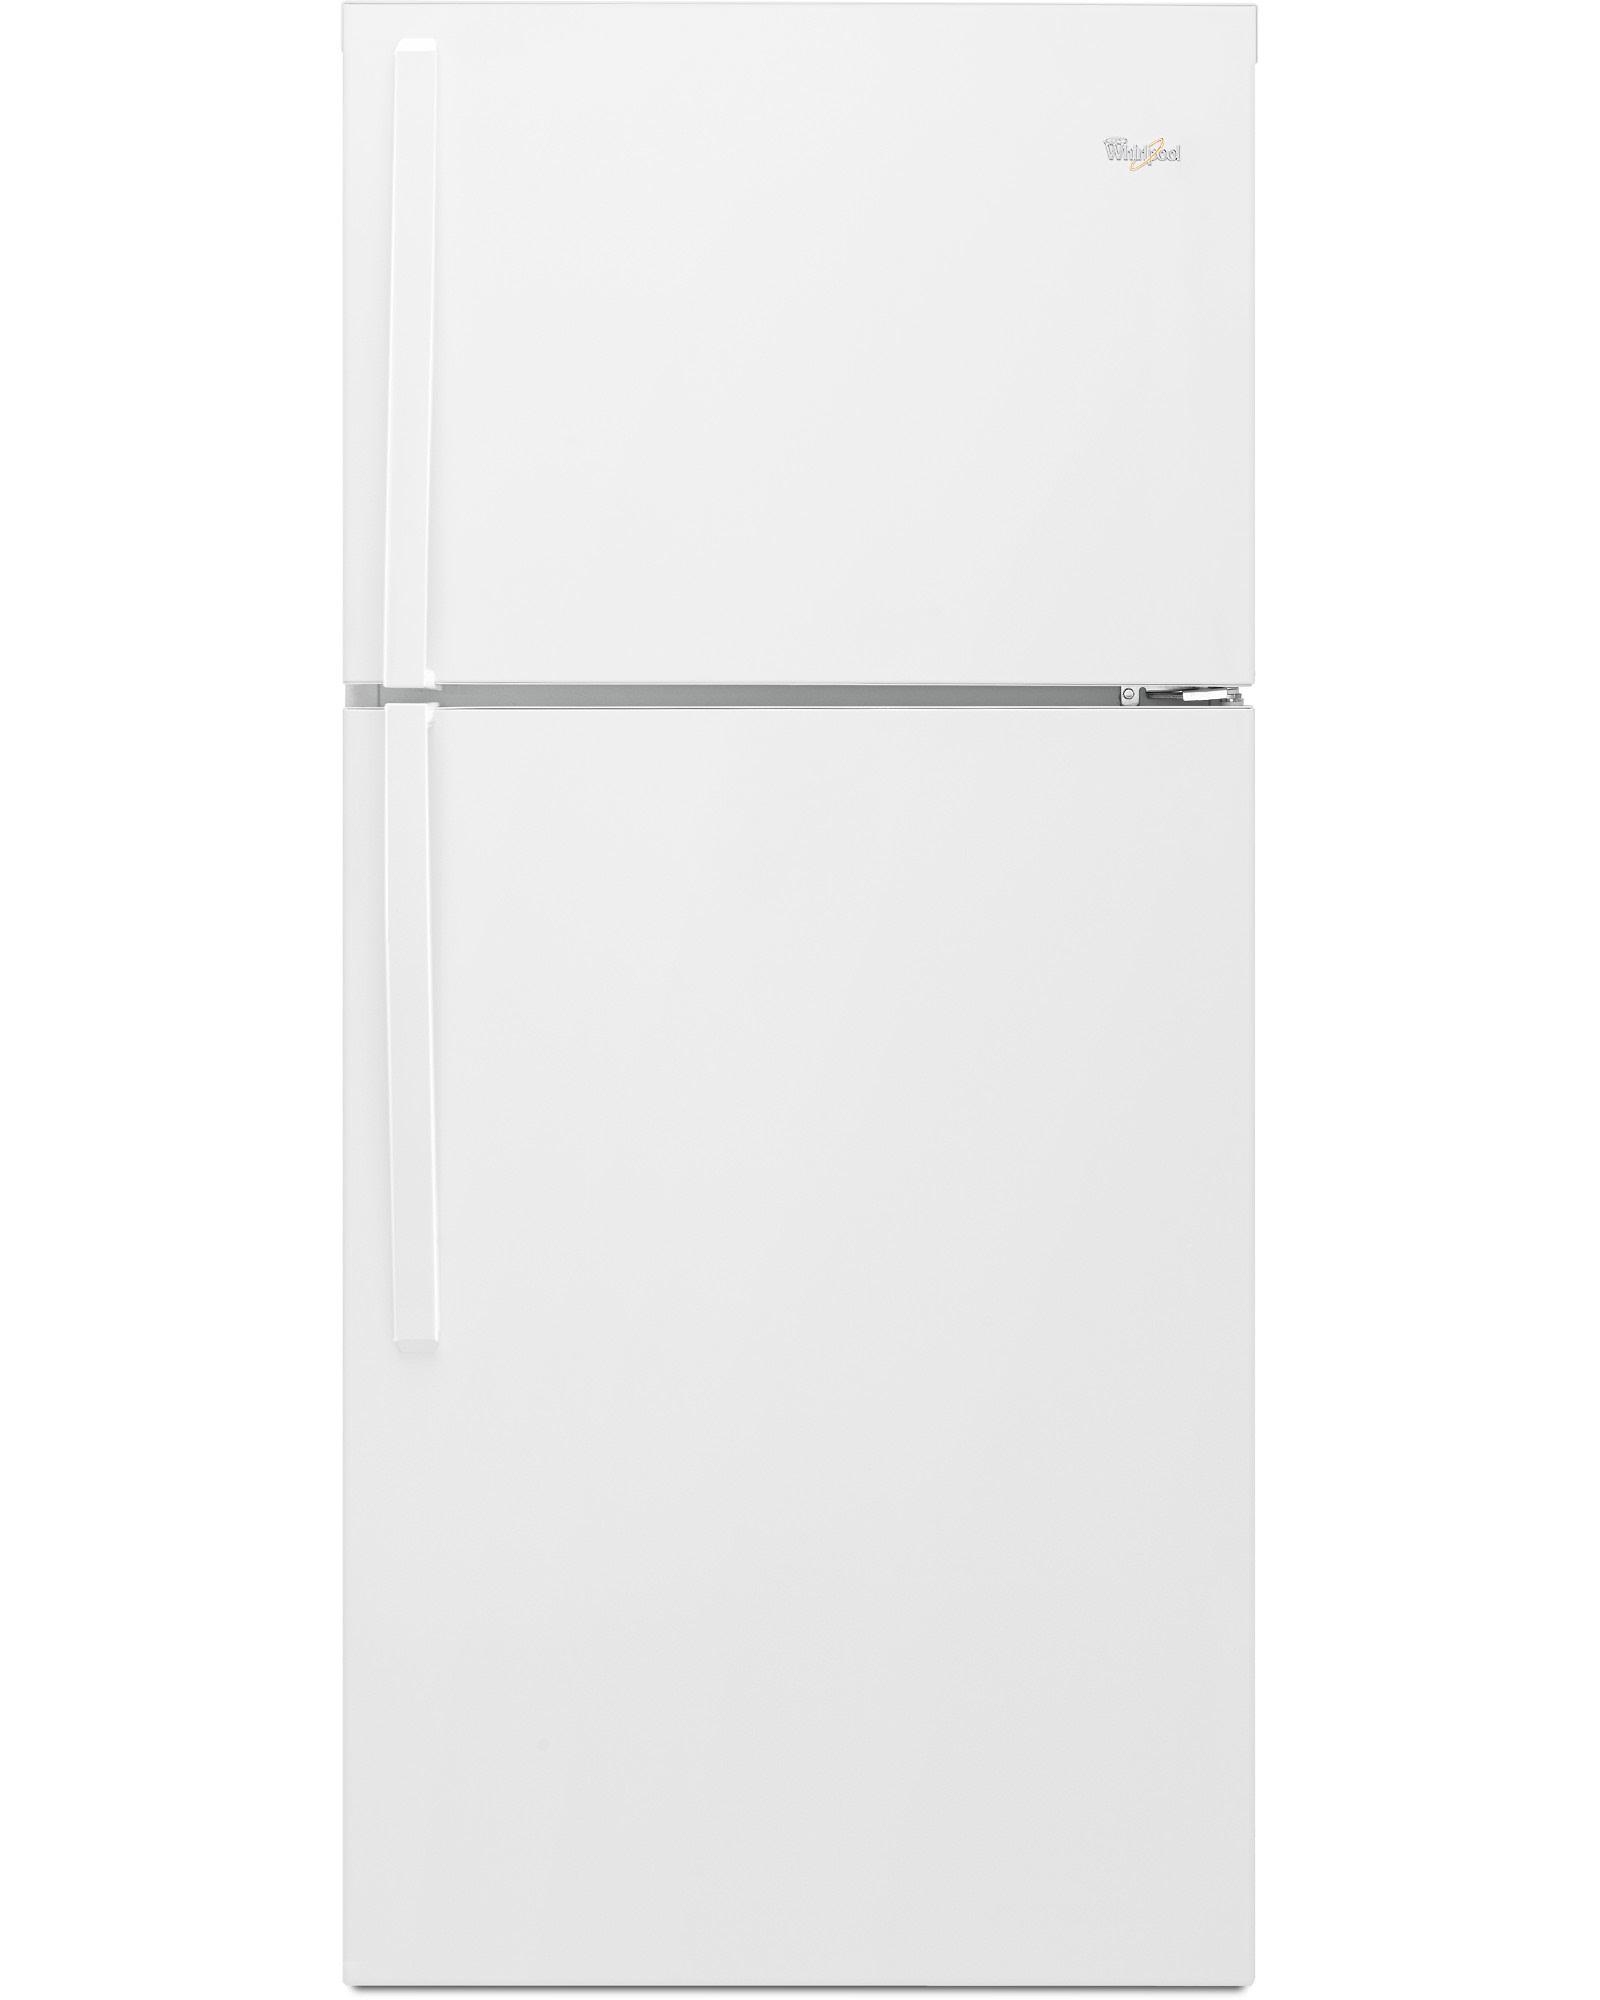 UPC Whirlpool WRT519SZDW 19 2 cu ft Top Freezer